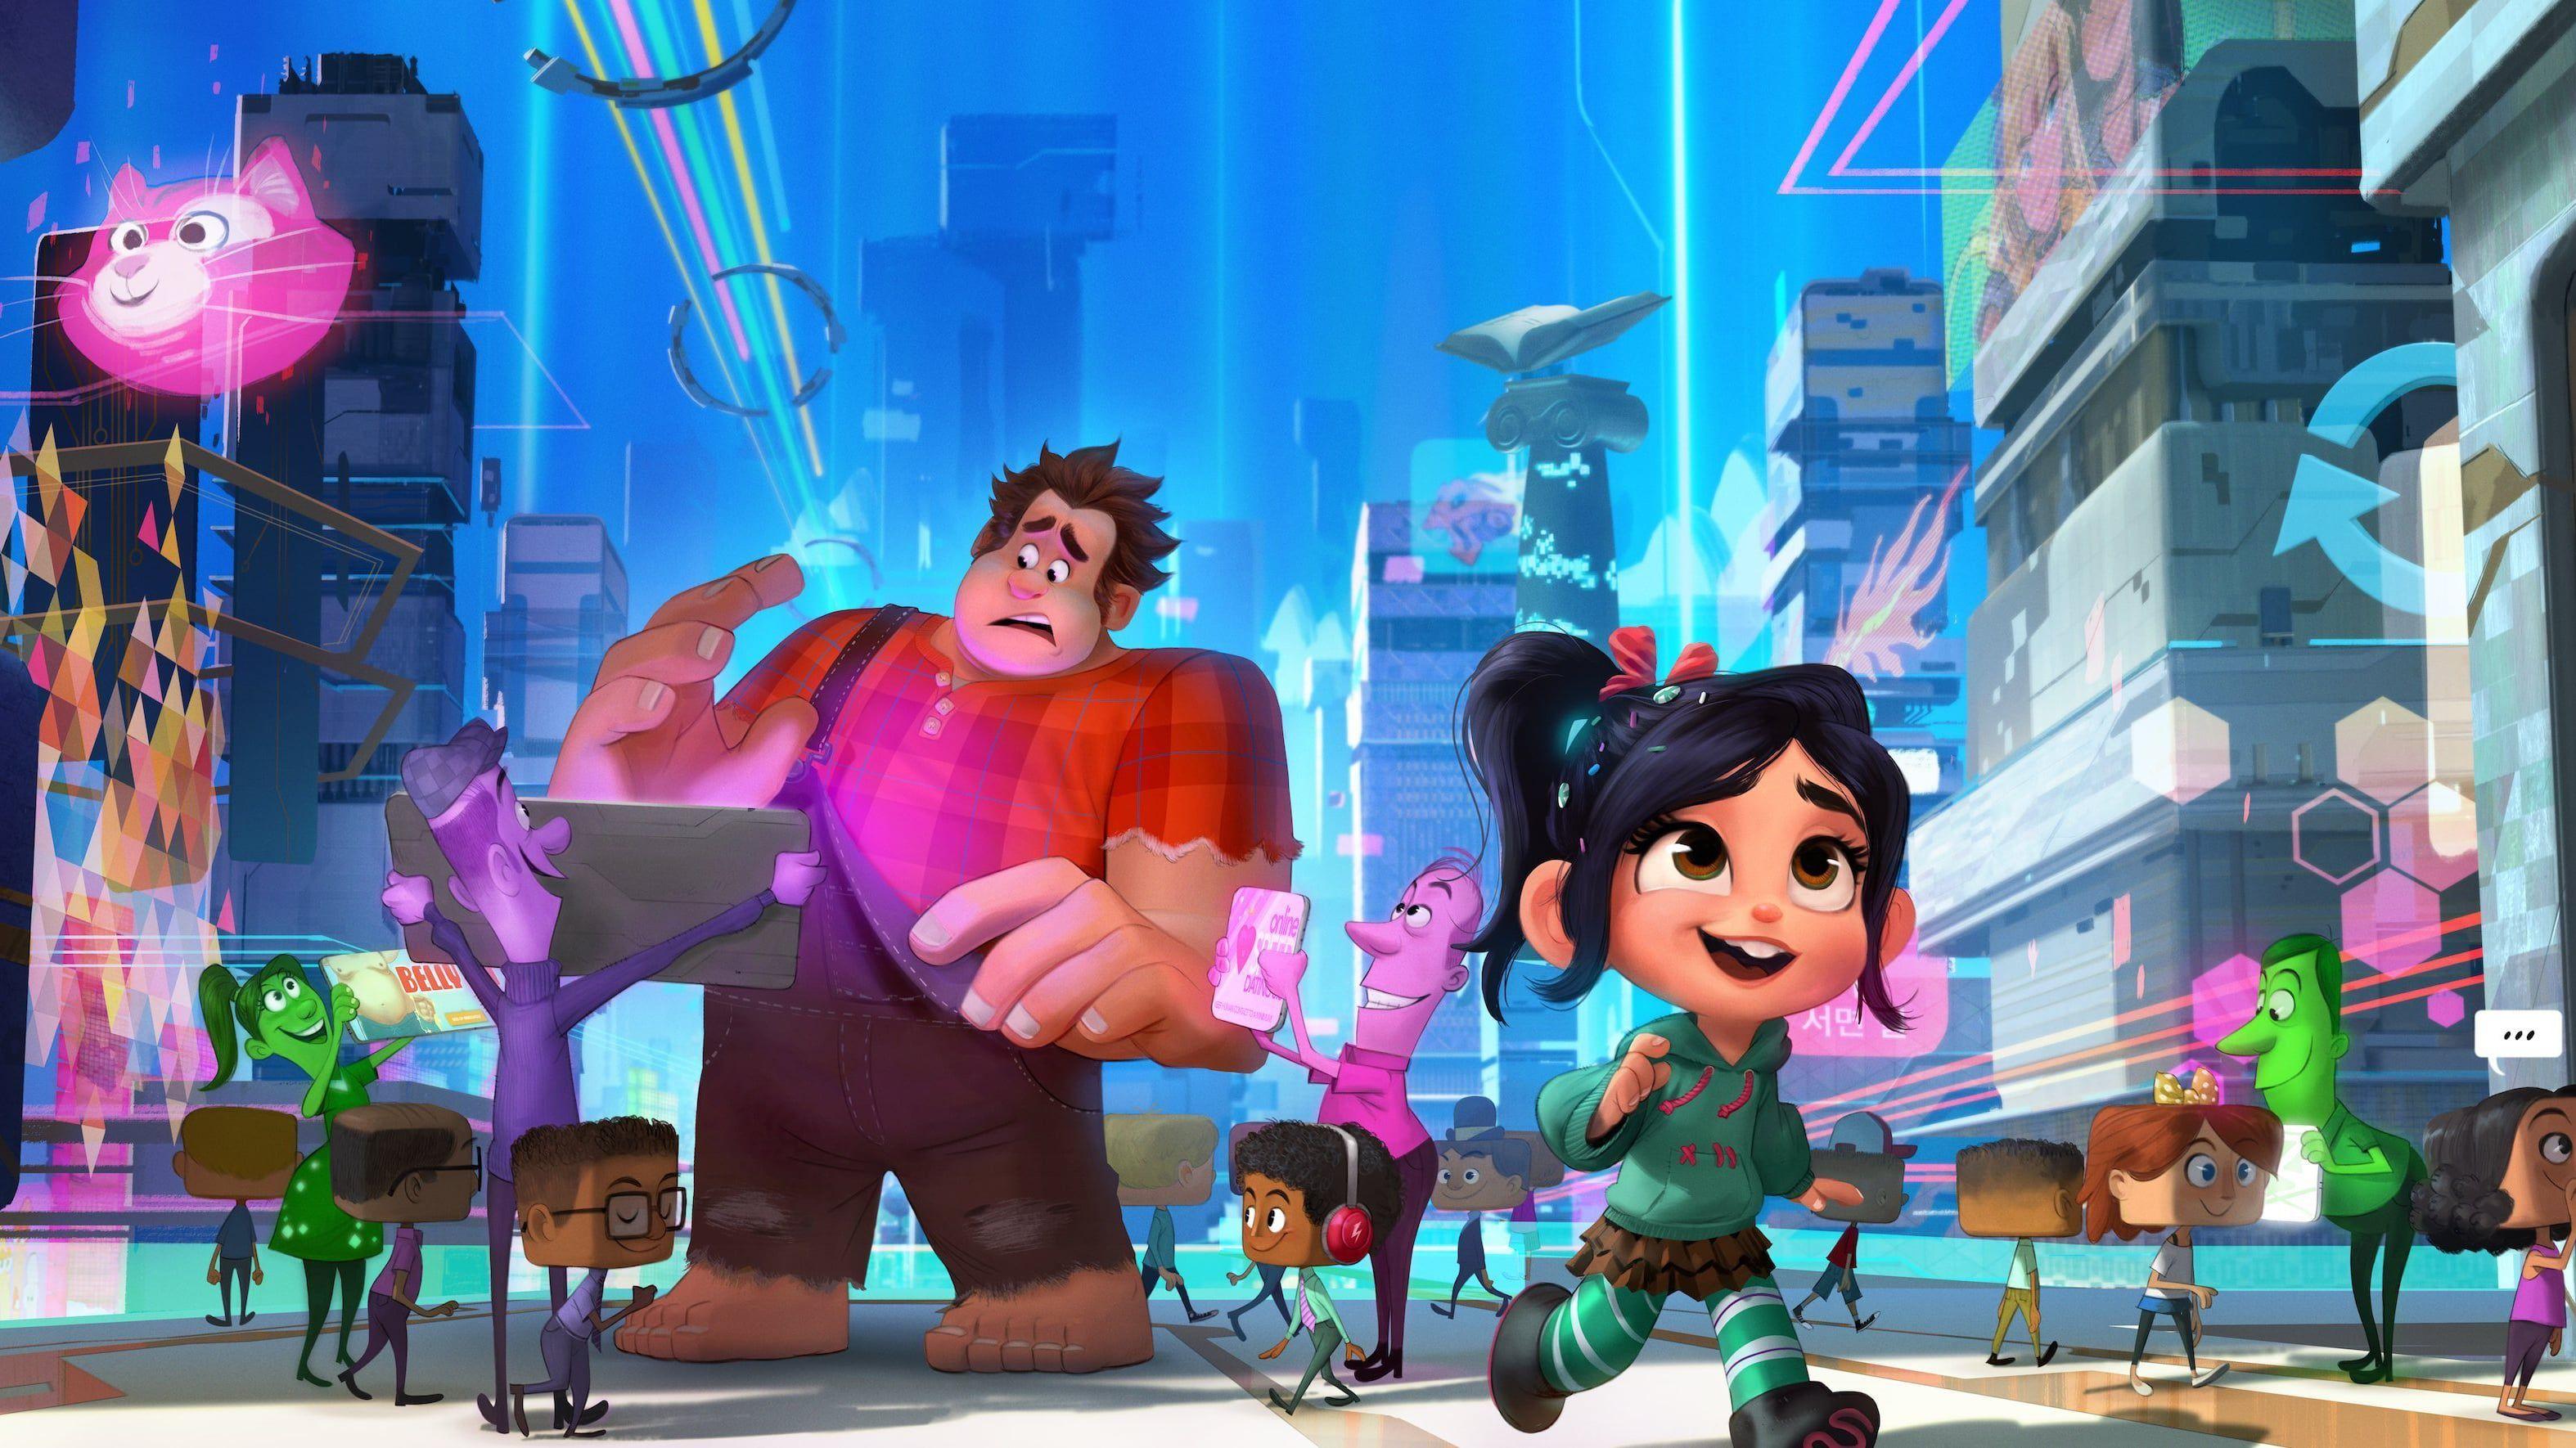 Nach Einem Unglucklichen Unfall Sturzen Sich Ralph Und Seine Quirlige Freundin Vanellope In 2021 Free Movies Online Walt Disney Pictures Walt Disney Animation Studios